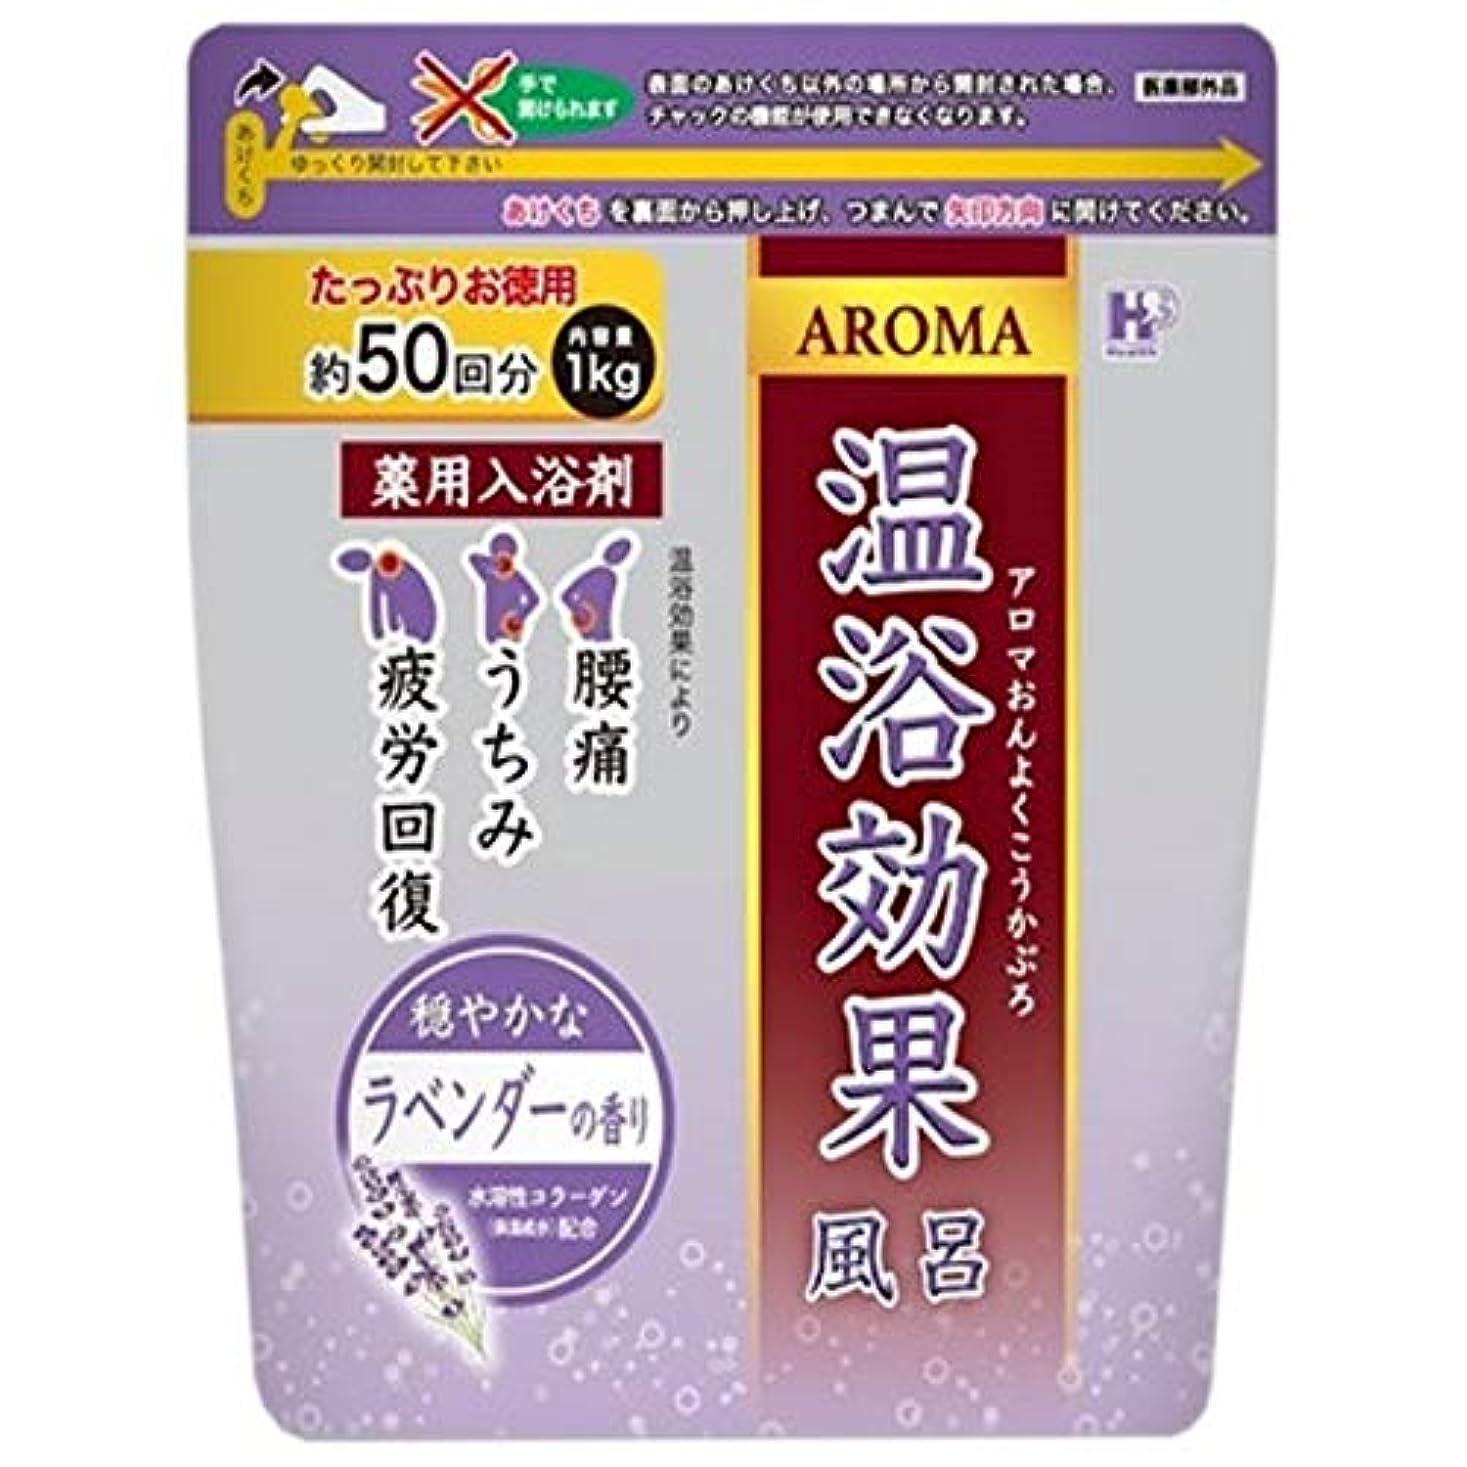 ほとんどの場合結晶刺します薬用入浴剤 アロマ温浴効果風呂 ラベンダー 1kg×10袋入